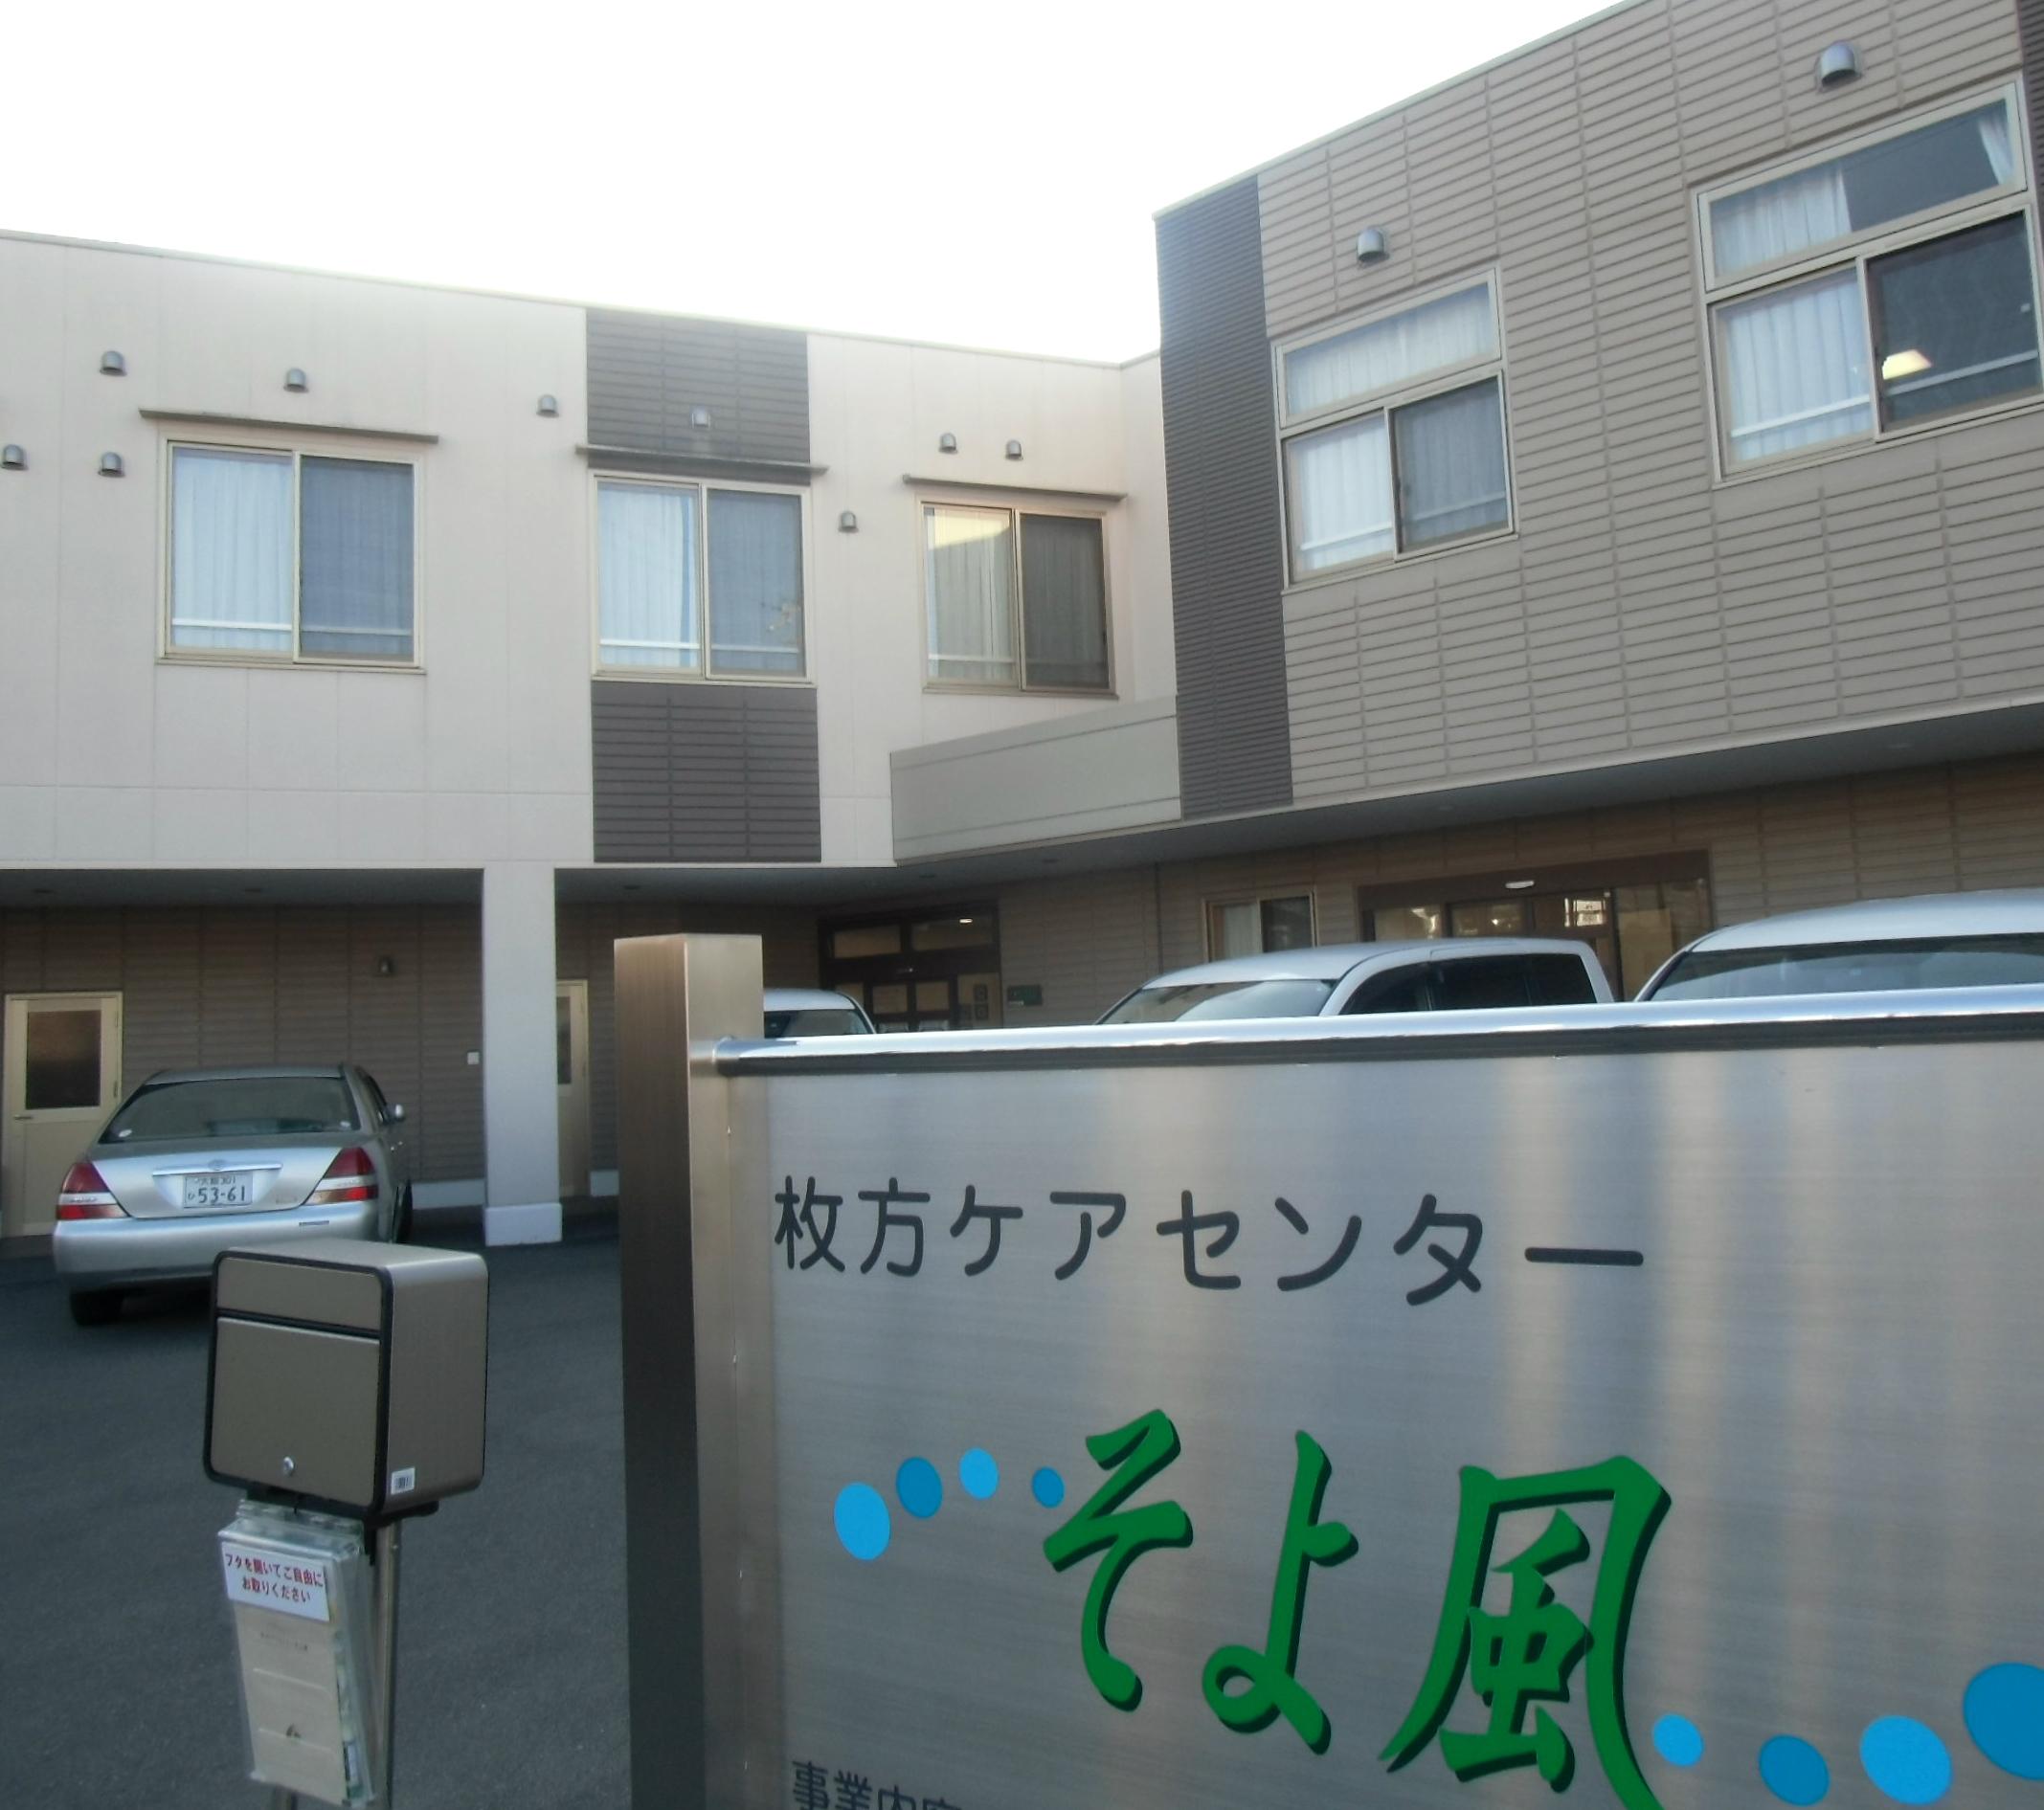 長尾駅のサービス付き高齢者向け住宅/介護スタッフ